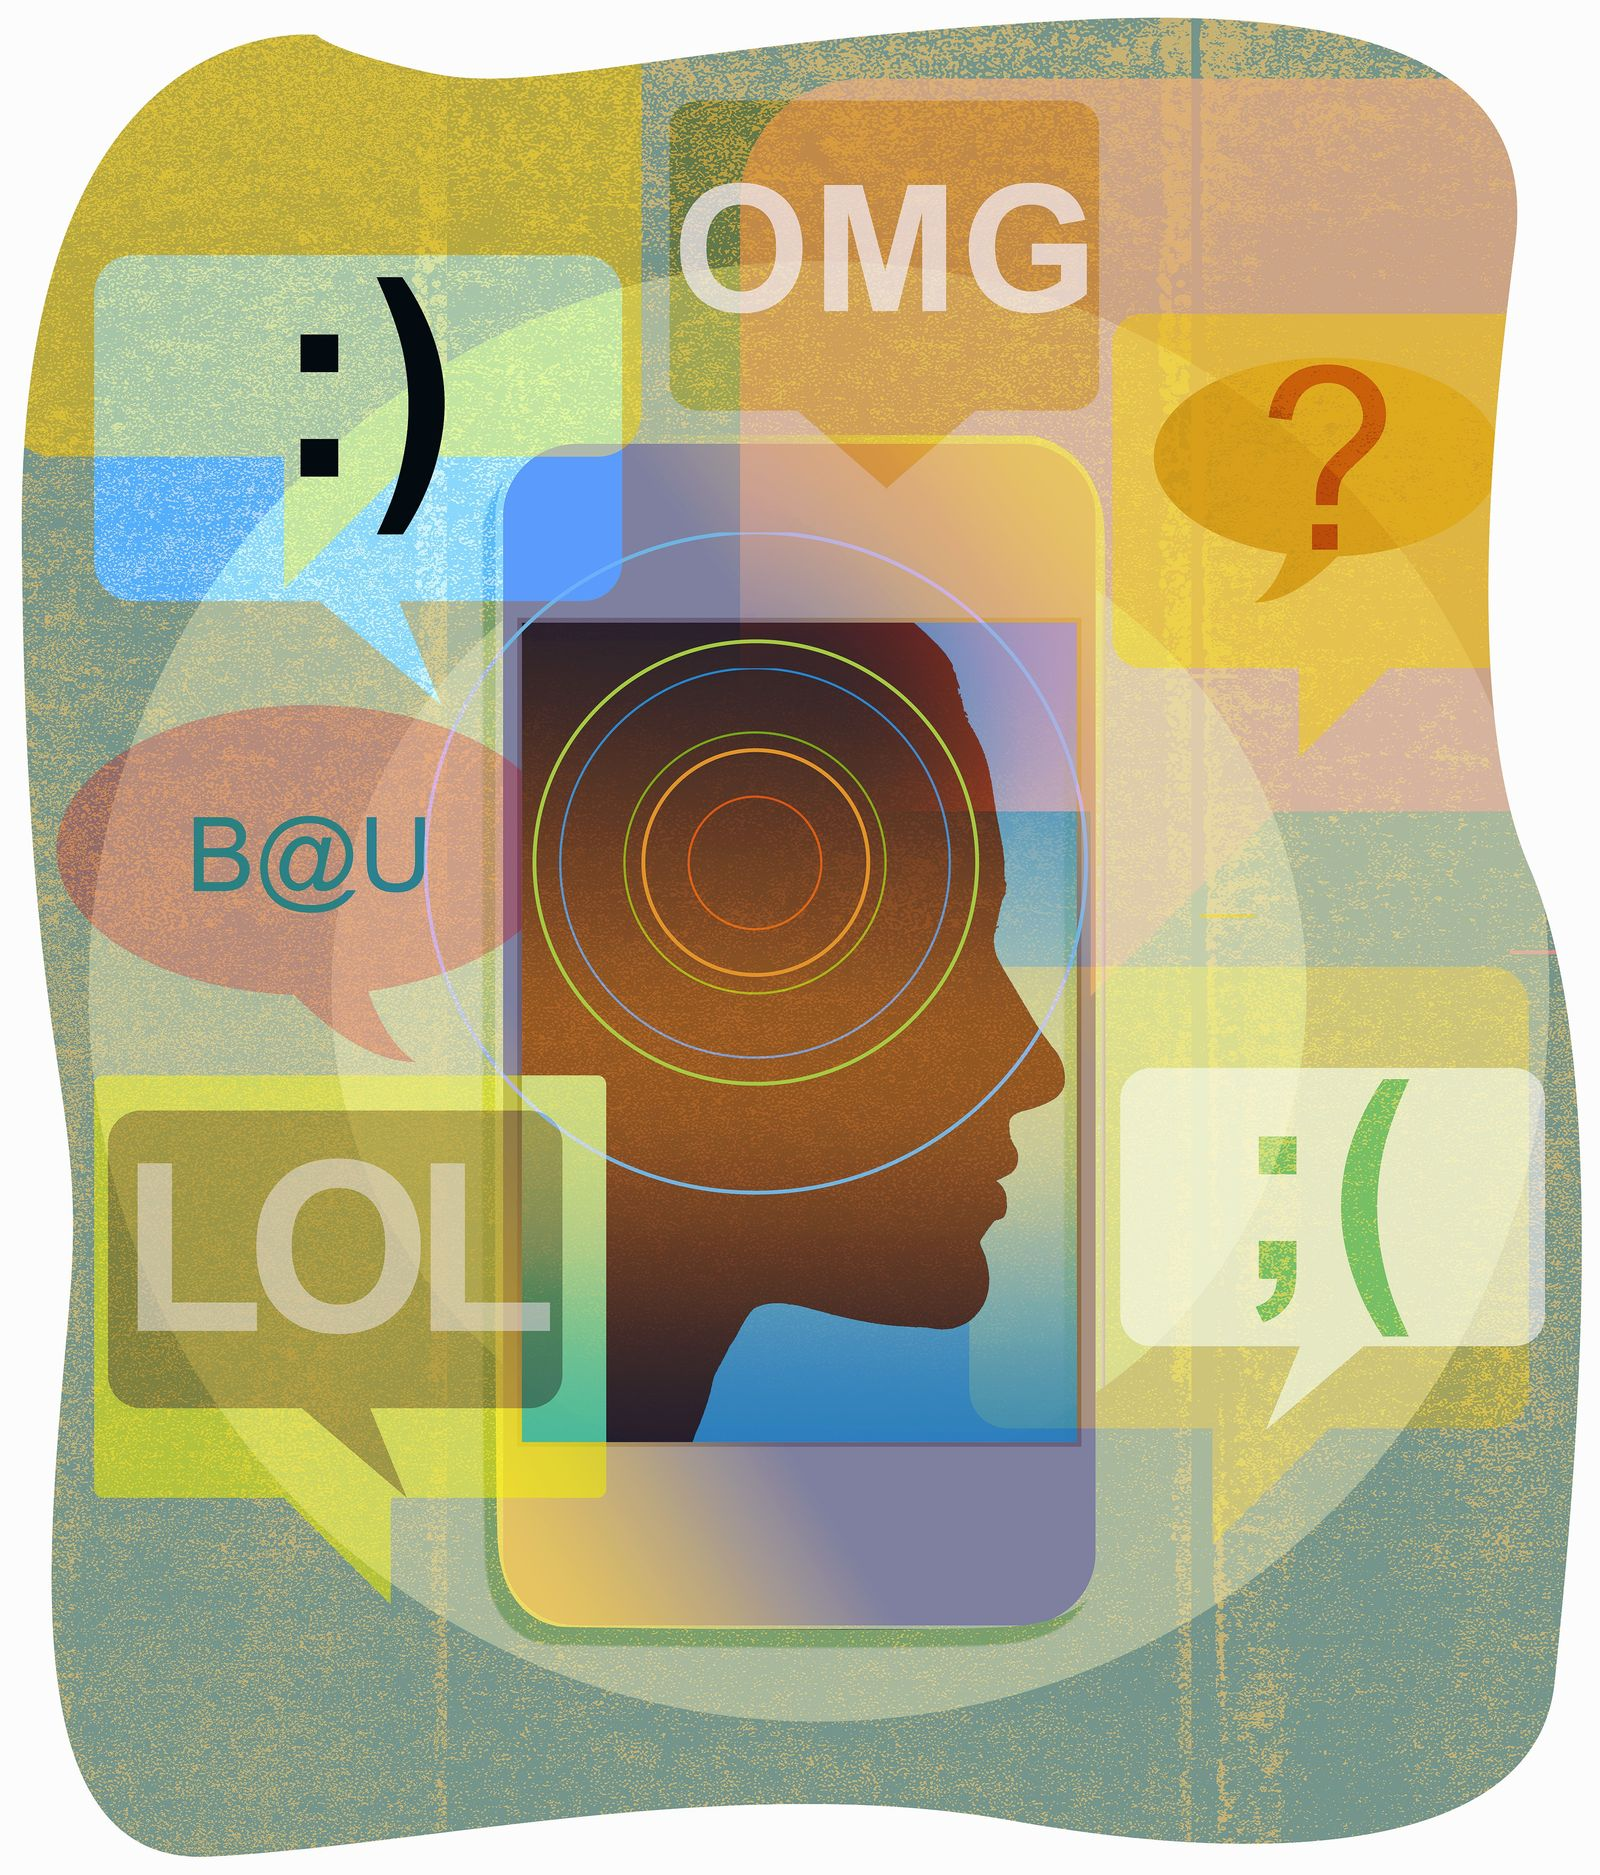 NICHT MEHR VERWENDEN! - SMS / Smartphone